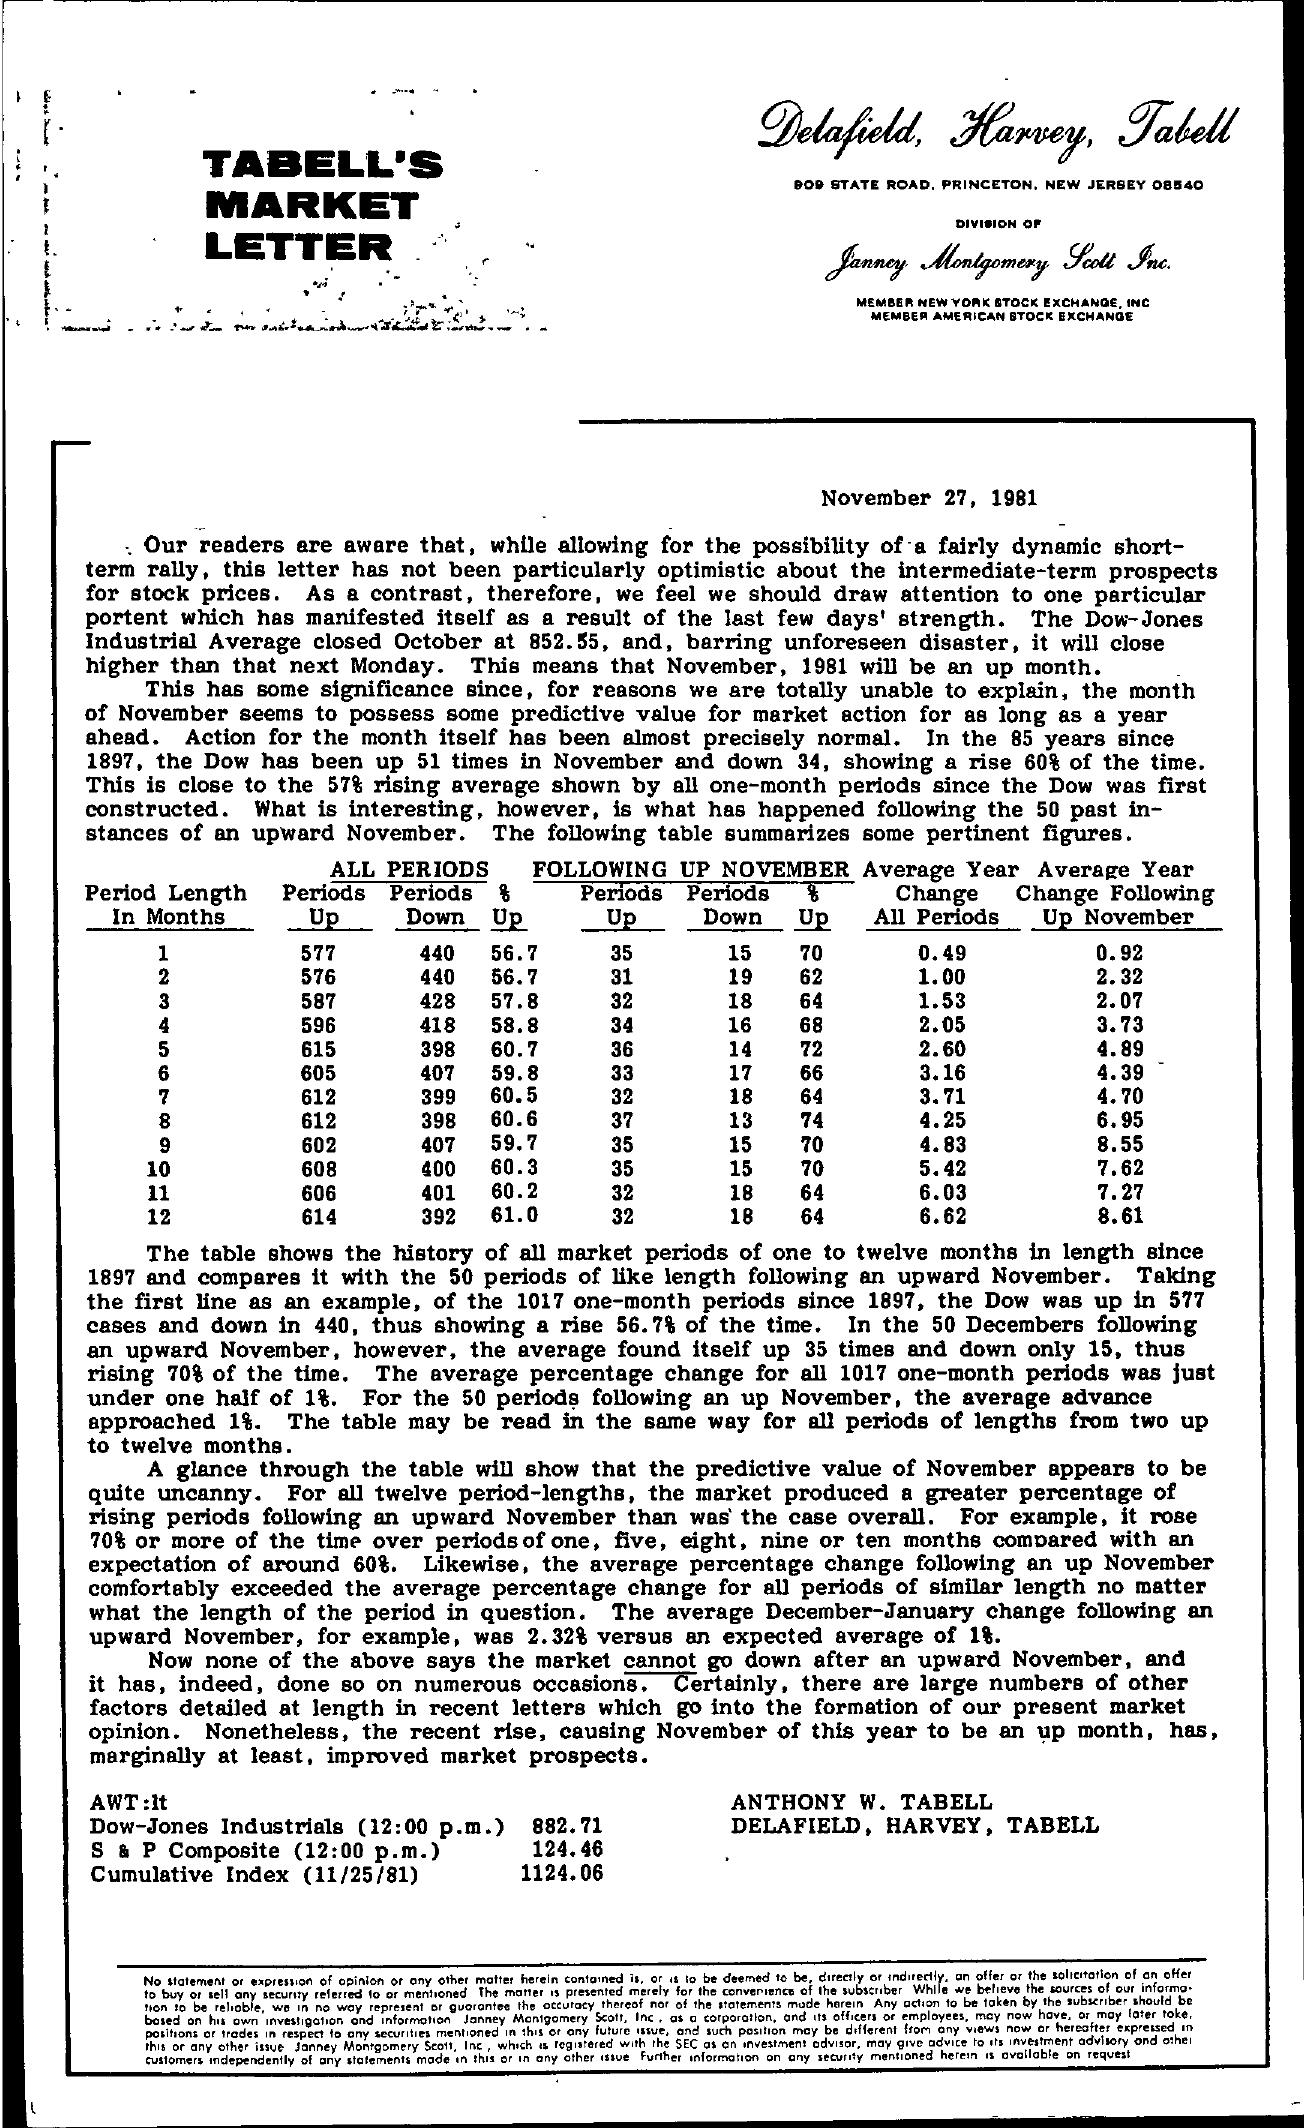 Tabell's Market Letter - November 27, 1981